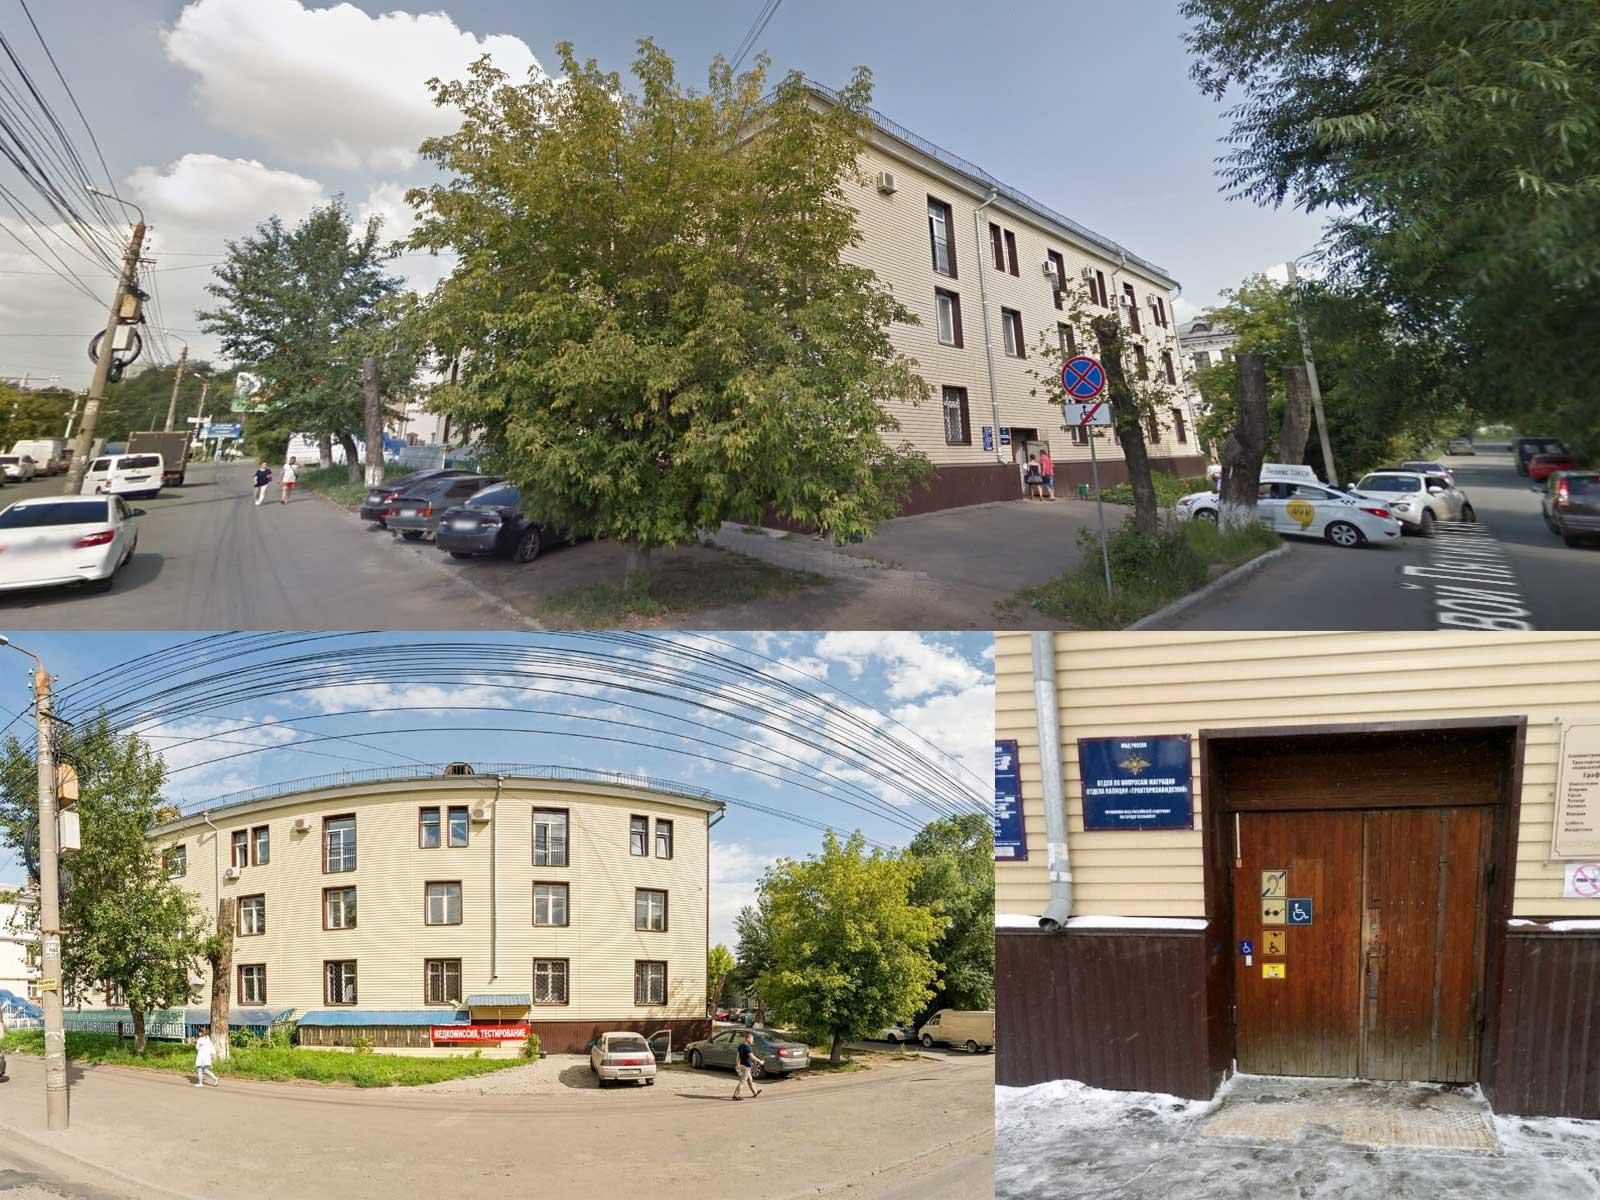 Вид на здание УФМС по Тракторозаводскому району, Челябинск